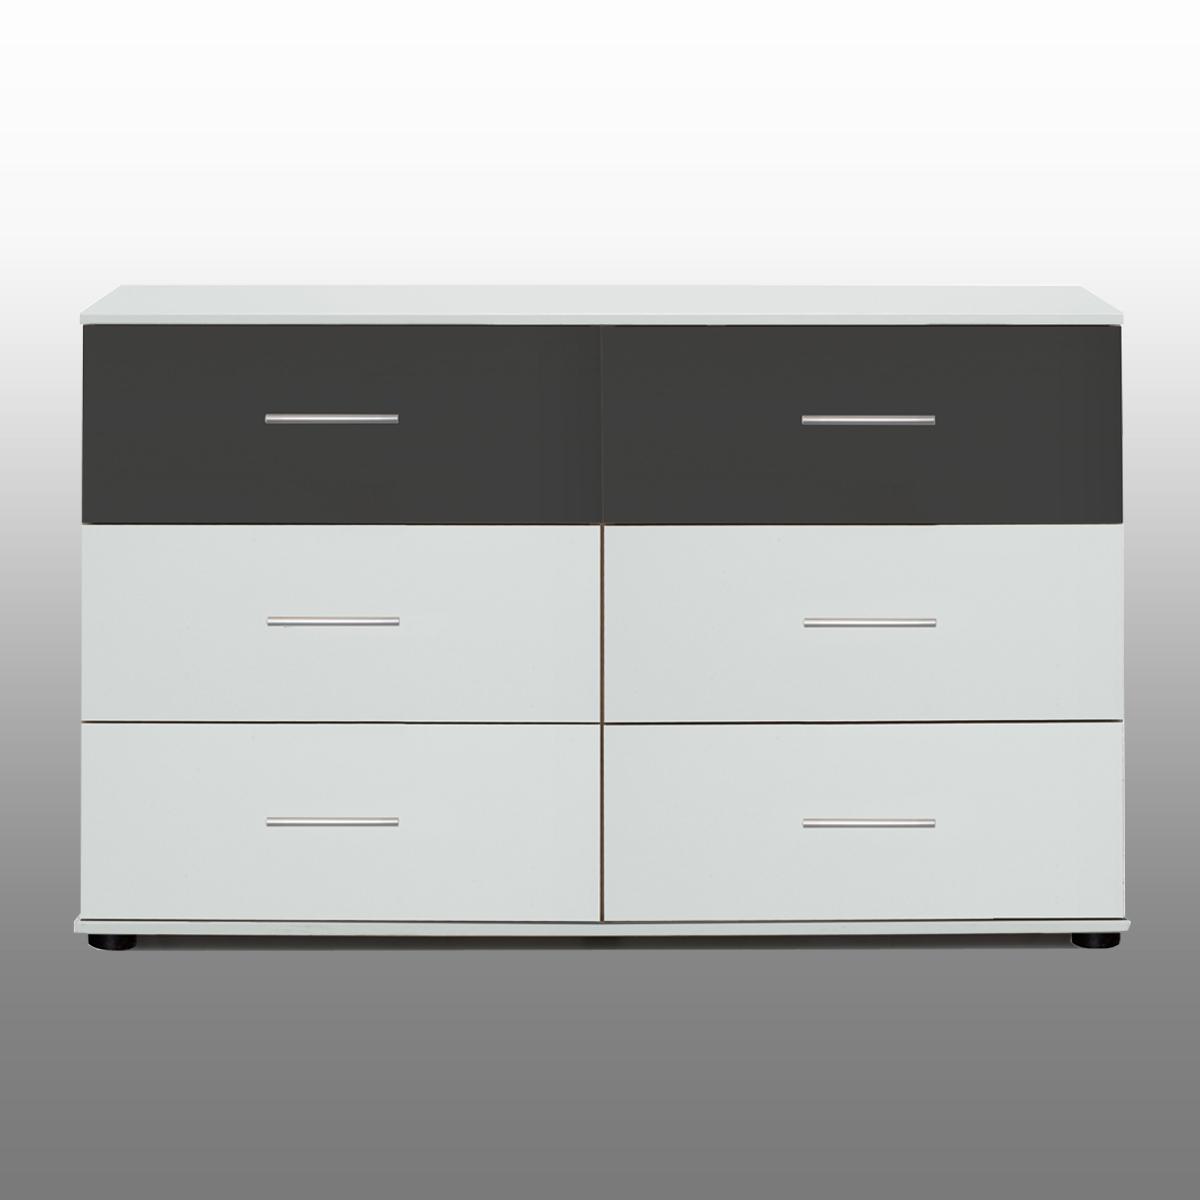 Kommode Nussbaum Anthrazit ~ Das Beste aus Wohndesign und Möbel Inspiration